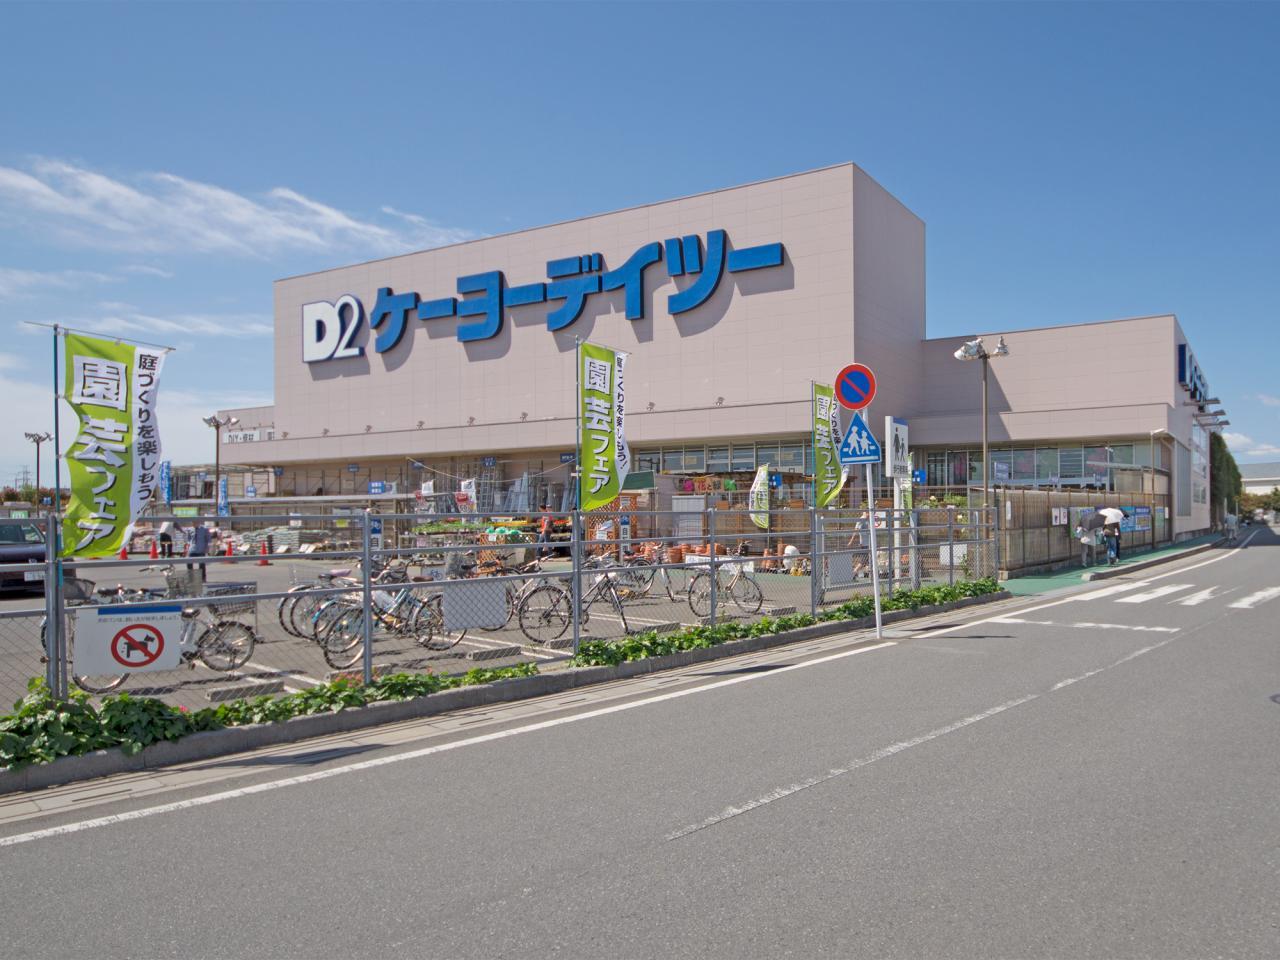 ケーヨーデイツー 狭山店